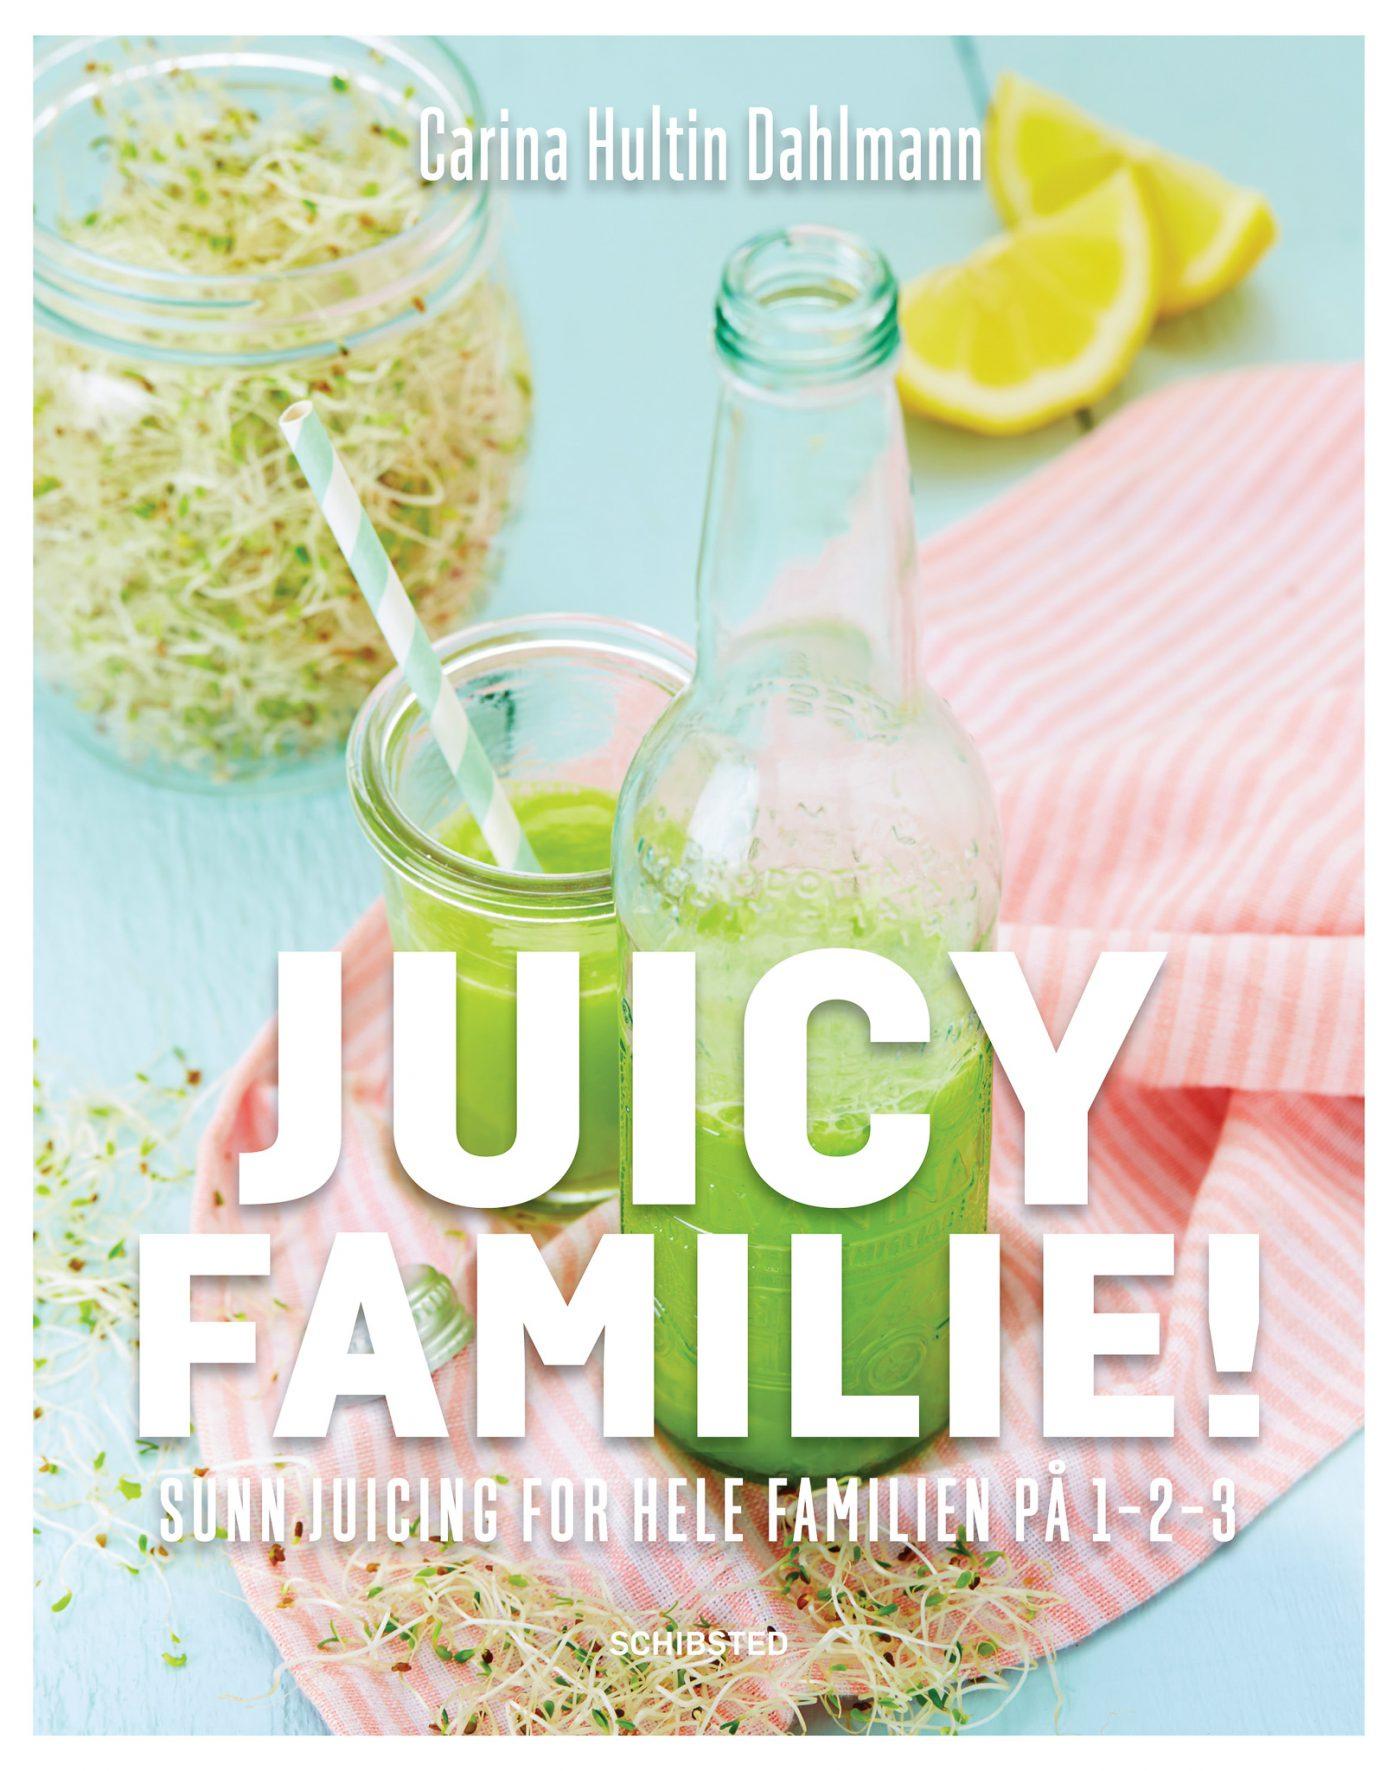 juicyfamile juice bok Carina